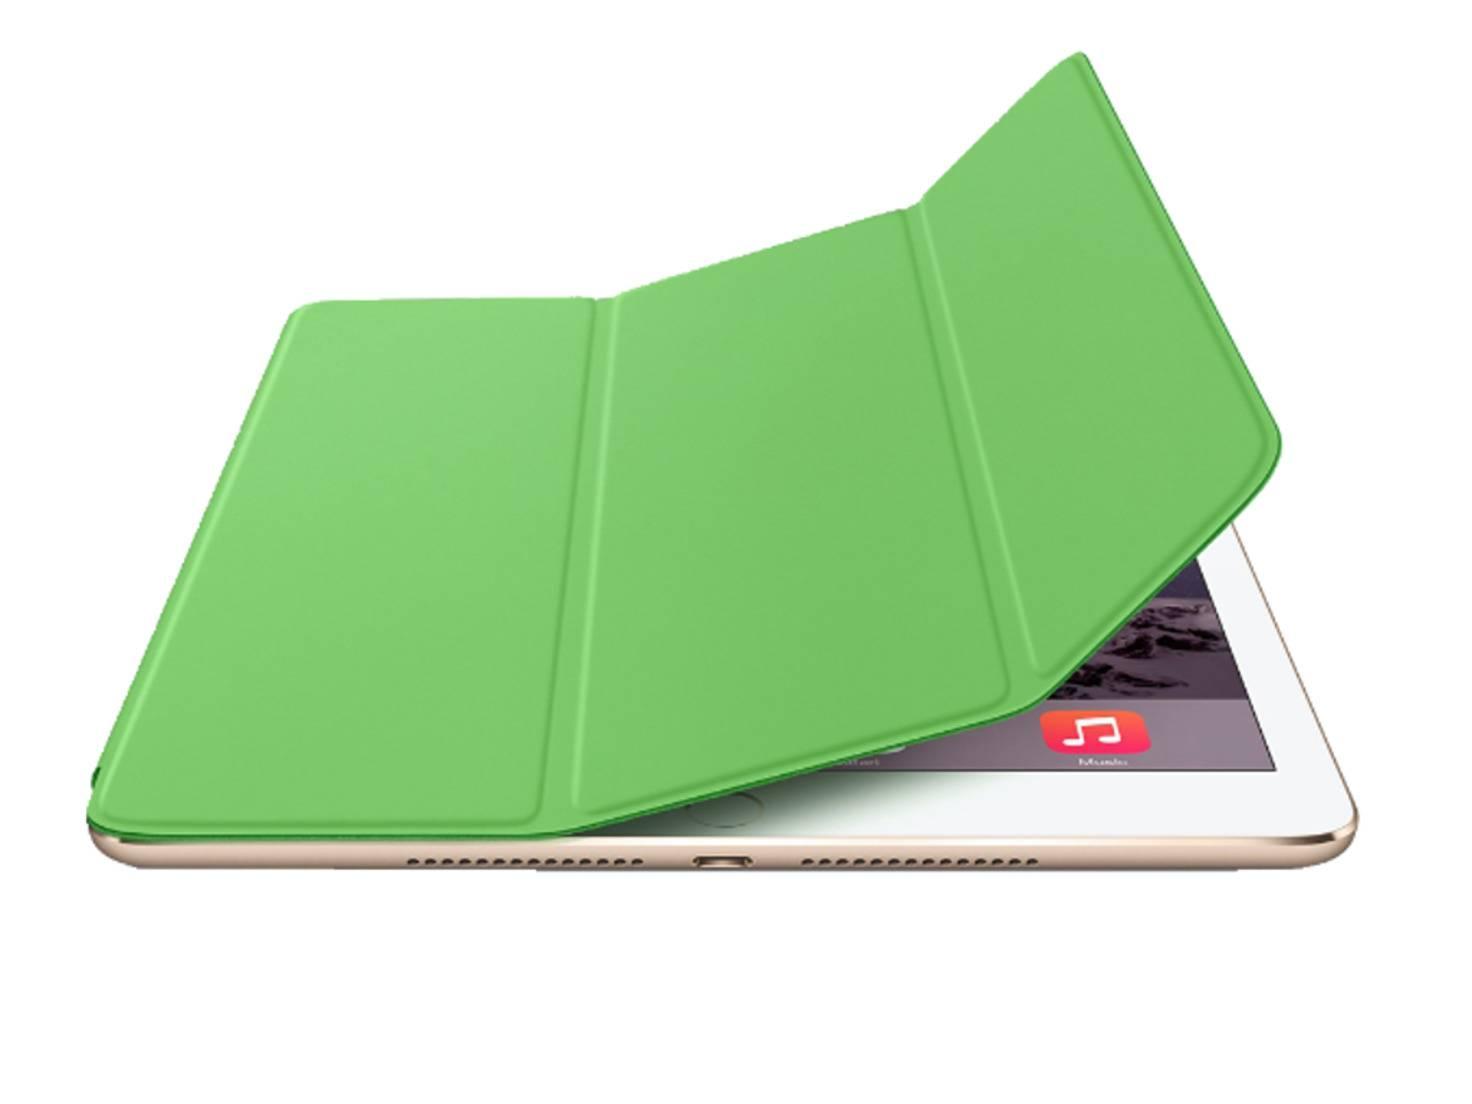 Mit dem Smart Cover ist das iPad bestens geschützt.